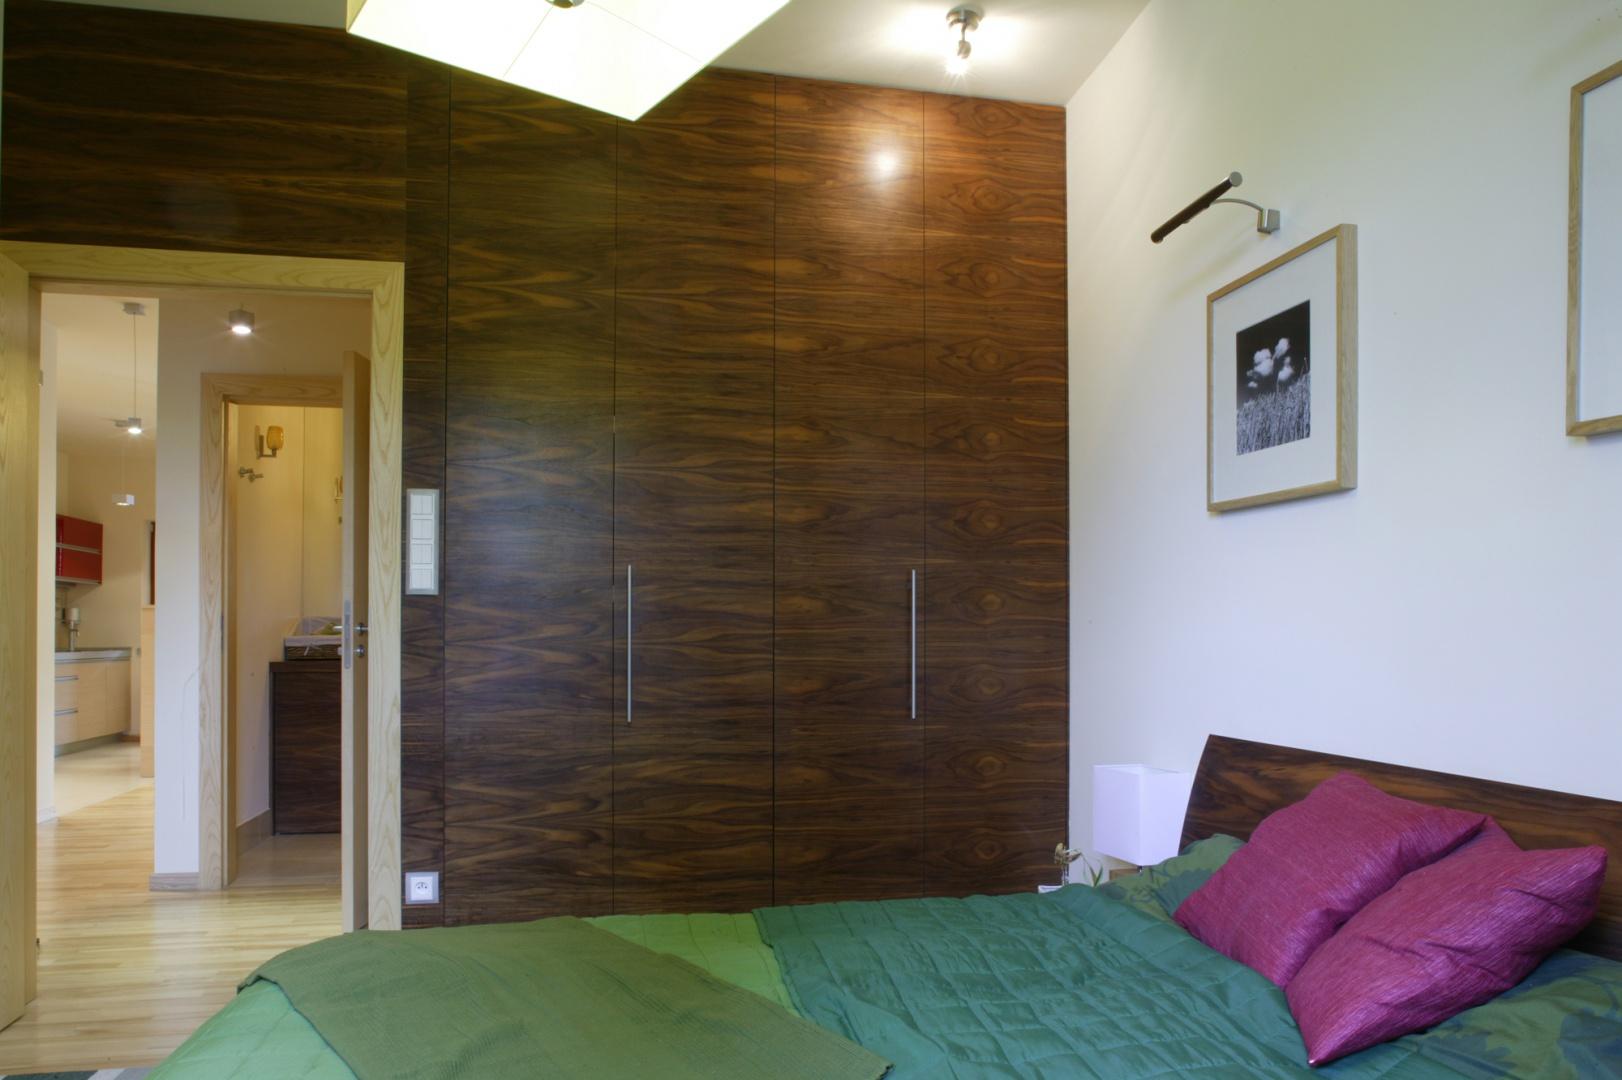 Dominujący w łazience fornir orzecha amerykańskiego, obecny jest te w sypialni  na drzwiach garderoby, szafkach nocnych i łóżku. Fot. Bartosz Jarosz.